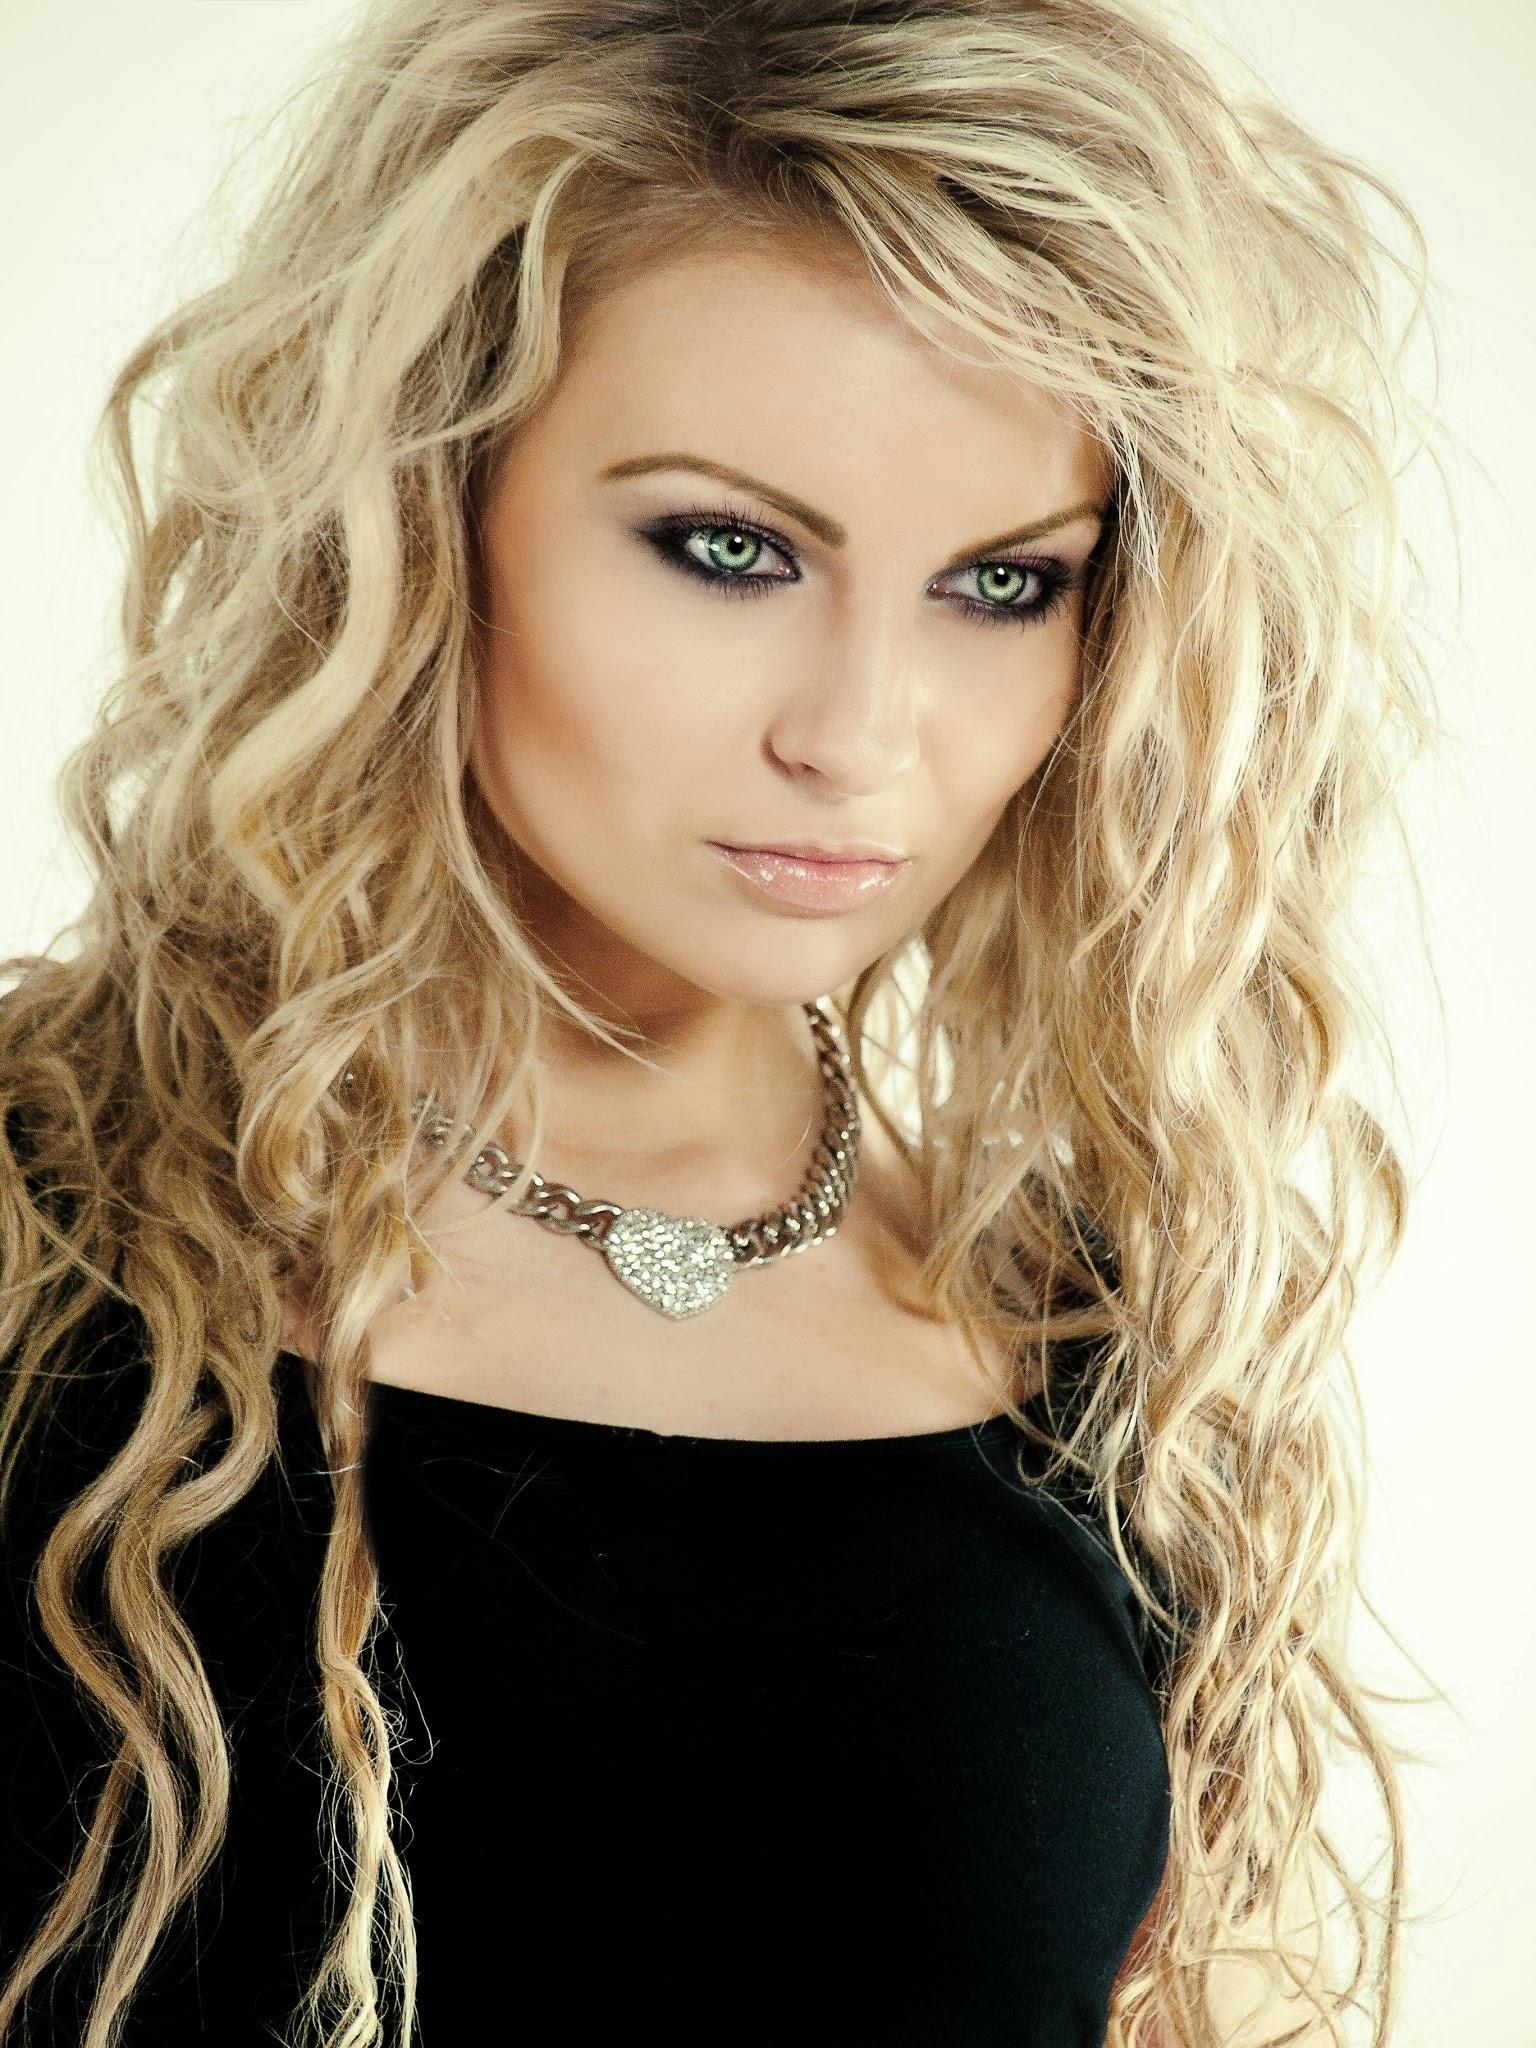 Jeune femme blonde mode beaut images gratuites et - Femme blonde photo ...